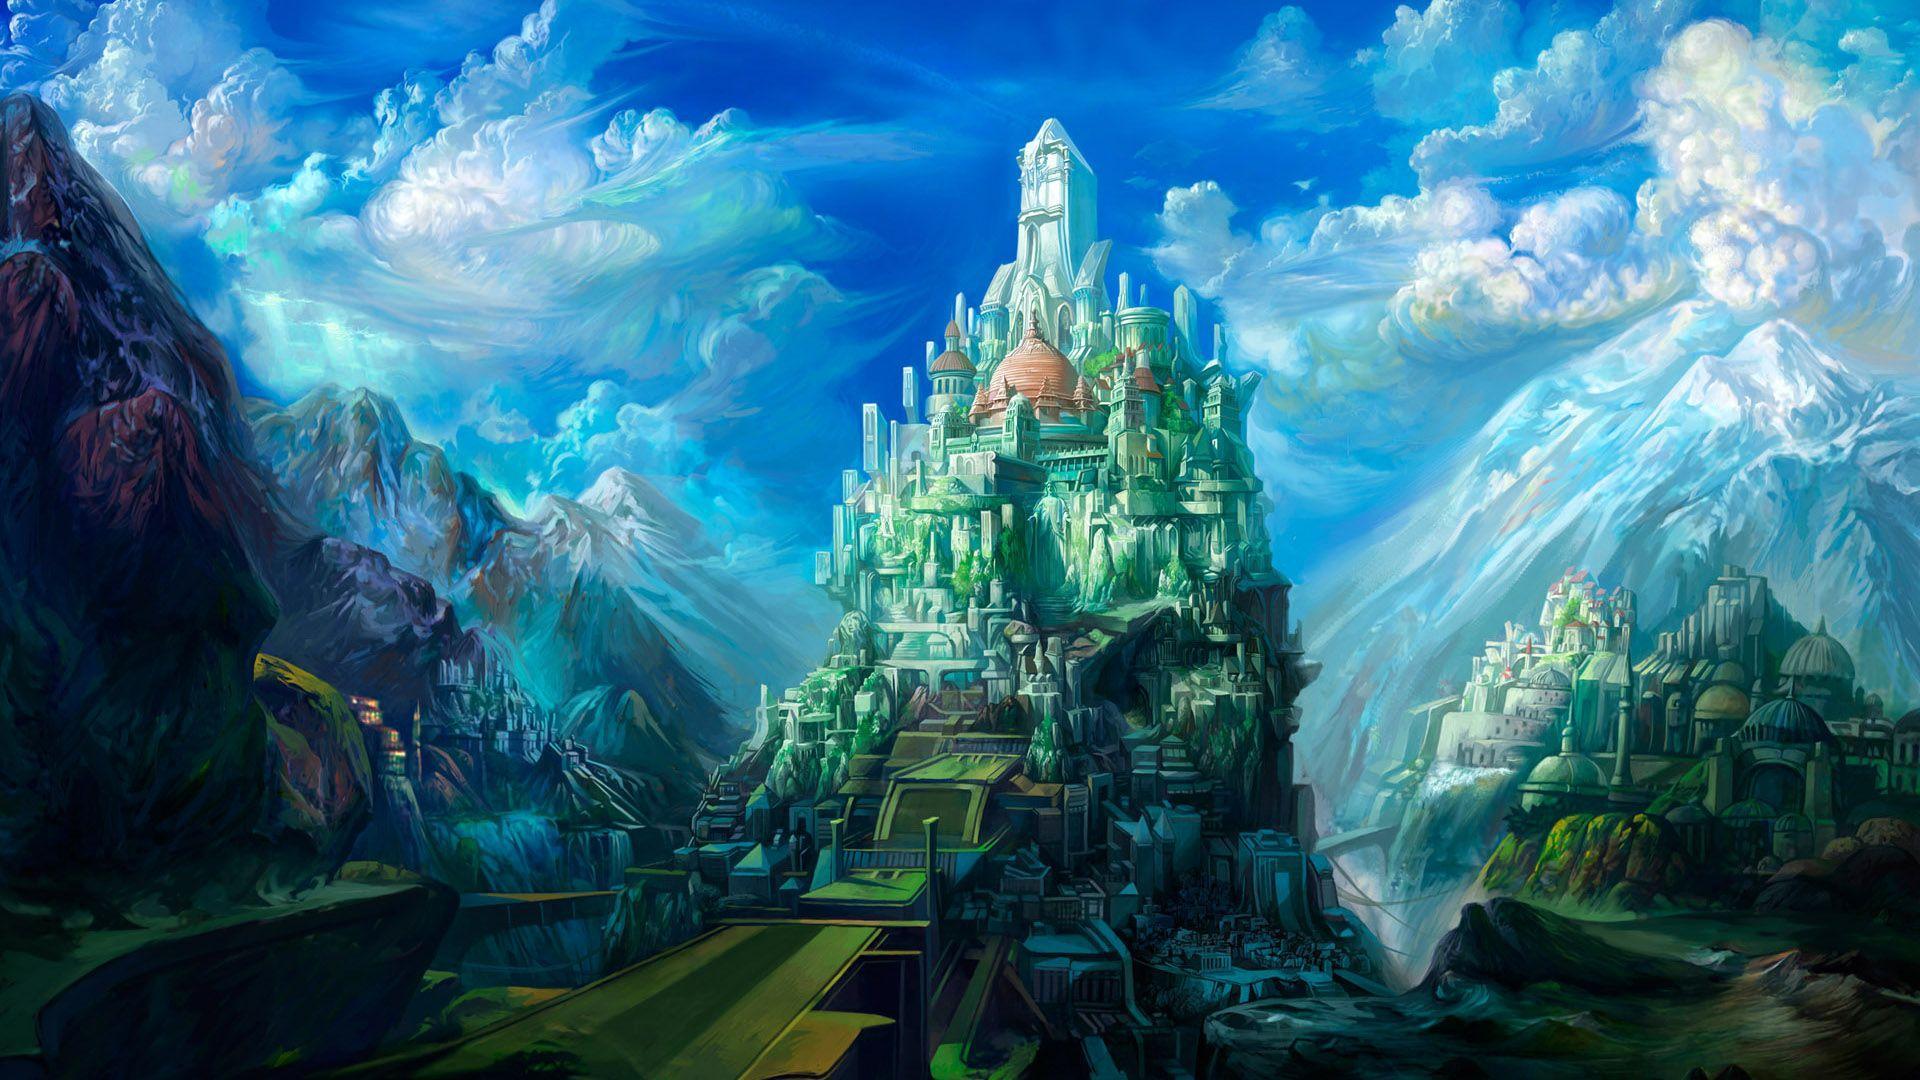 3D Art Wallpapers - Top Free 3D Art Backgrounds - WallpaperAccess